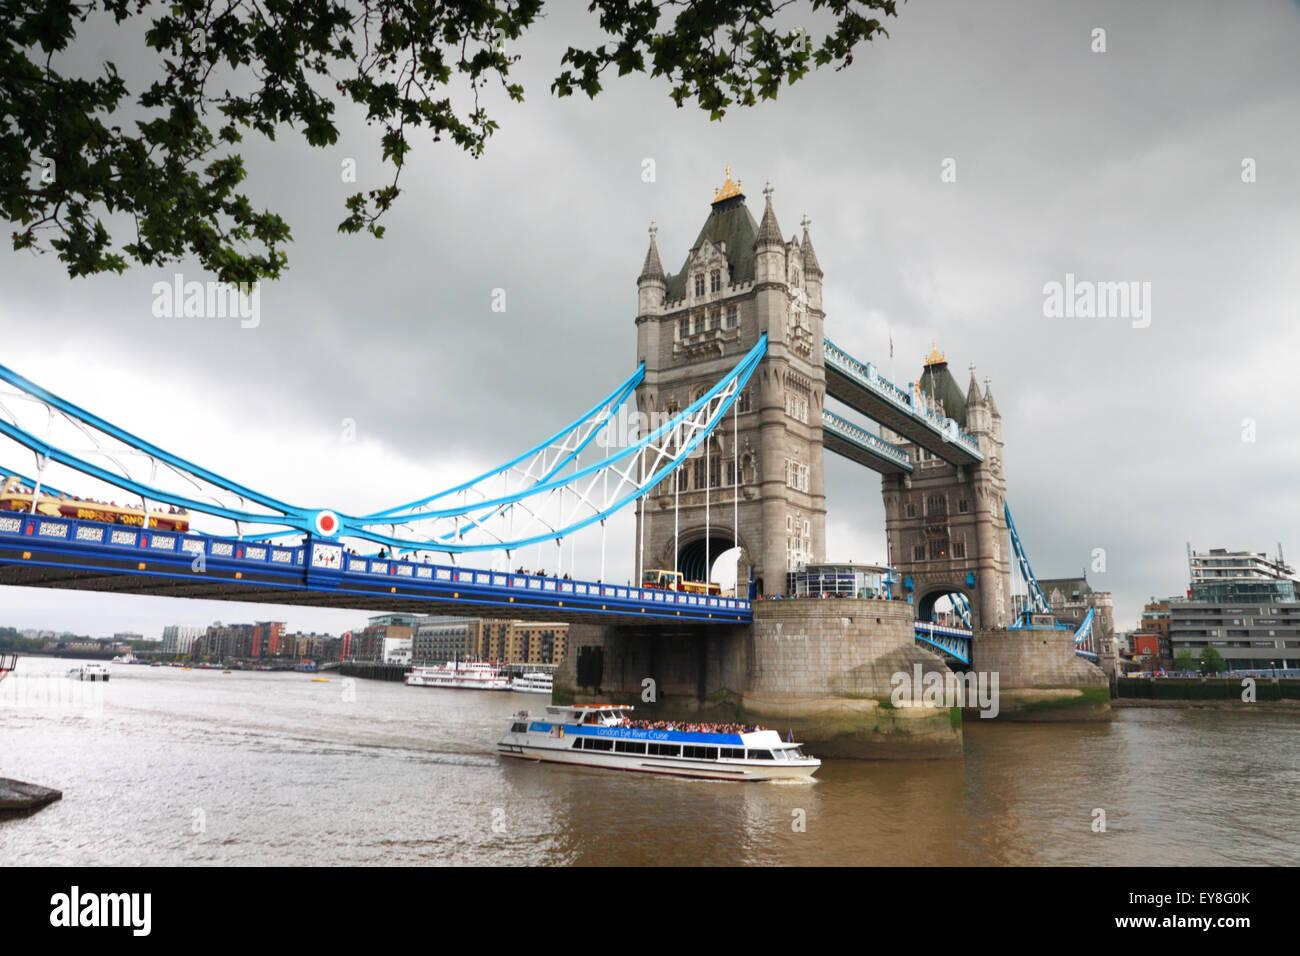 Tower Bridge, London, umrahmt von Bäumen an einem grauen Tag und ein Touristenboot auf dem Fluss. Stockbild